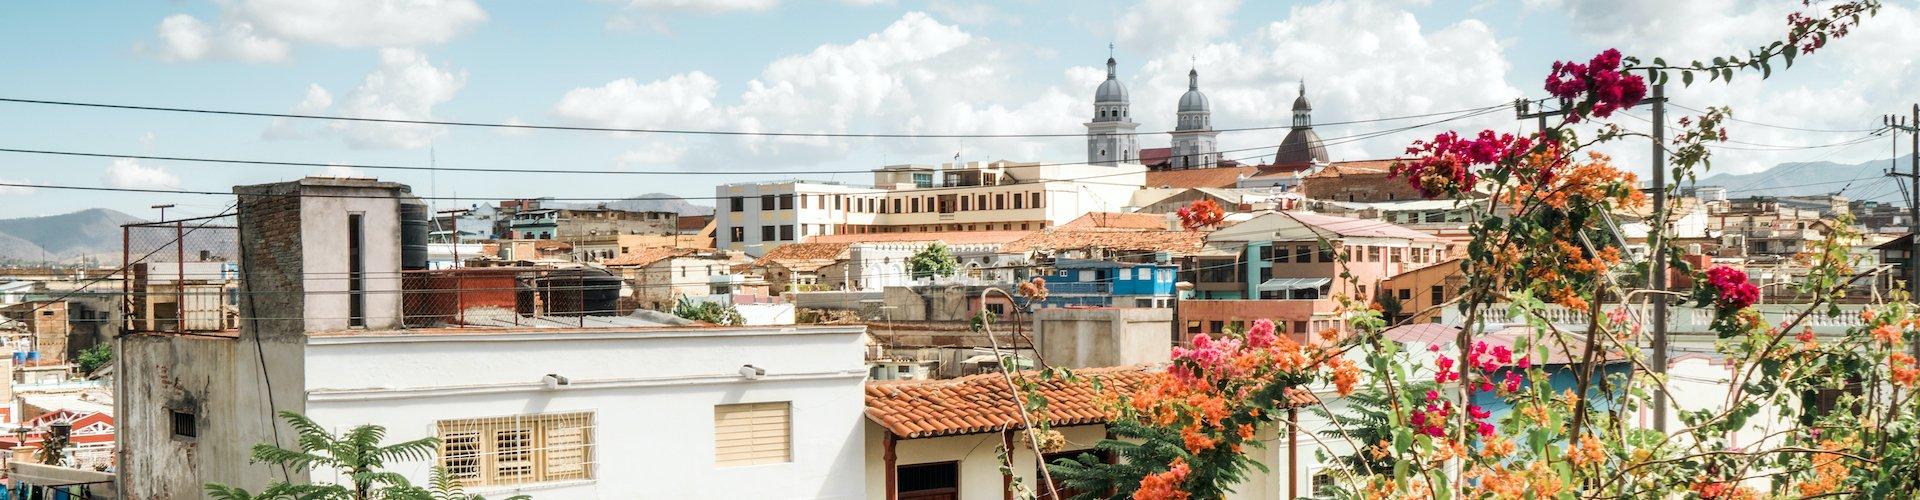 Ausflugsziel Santiago de Cuba